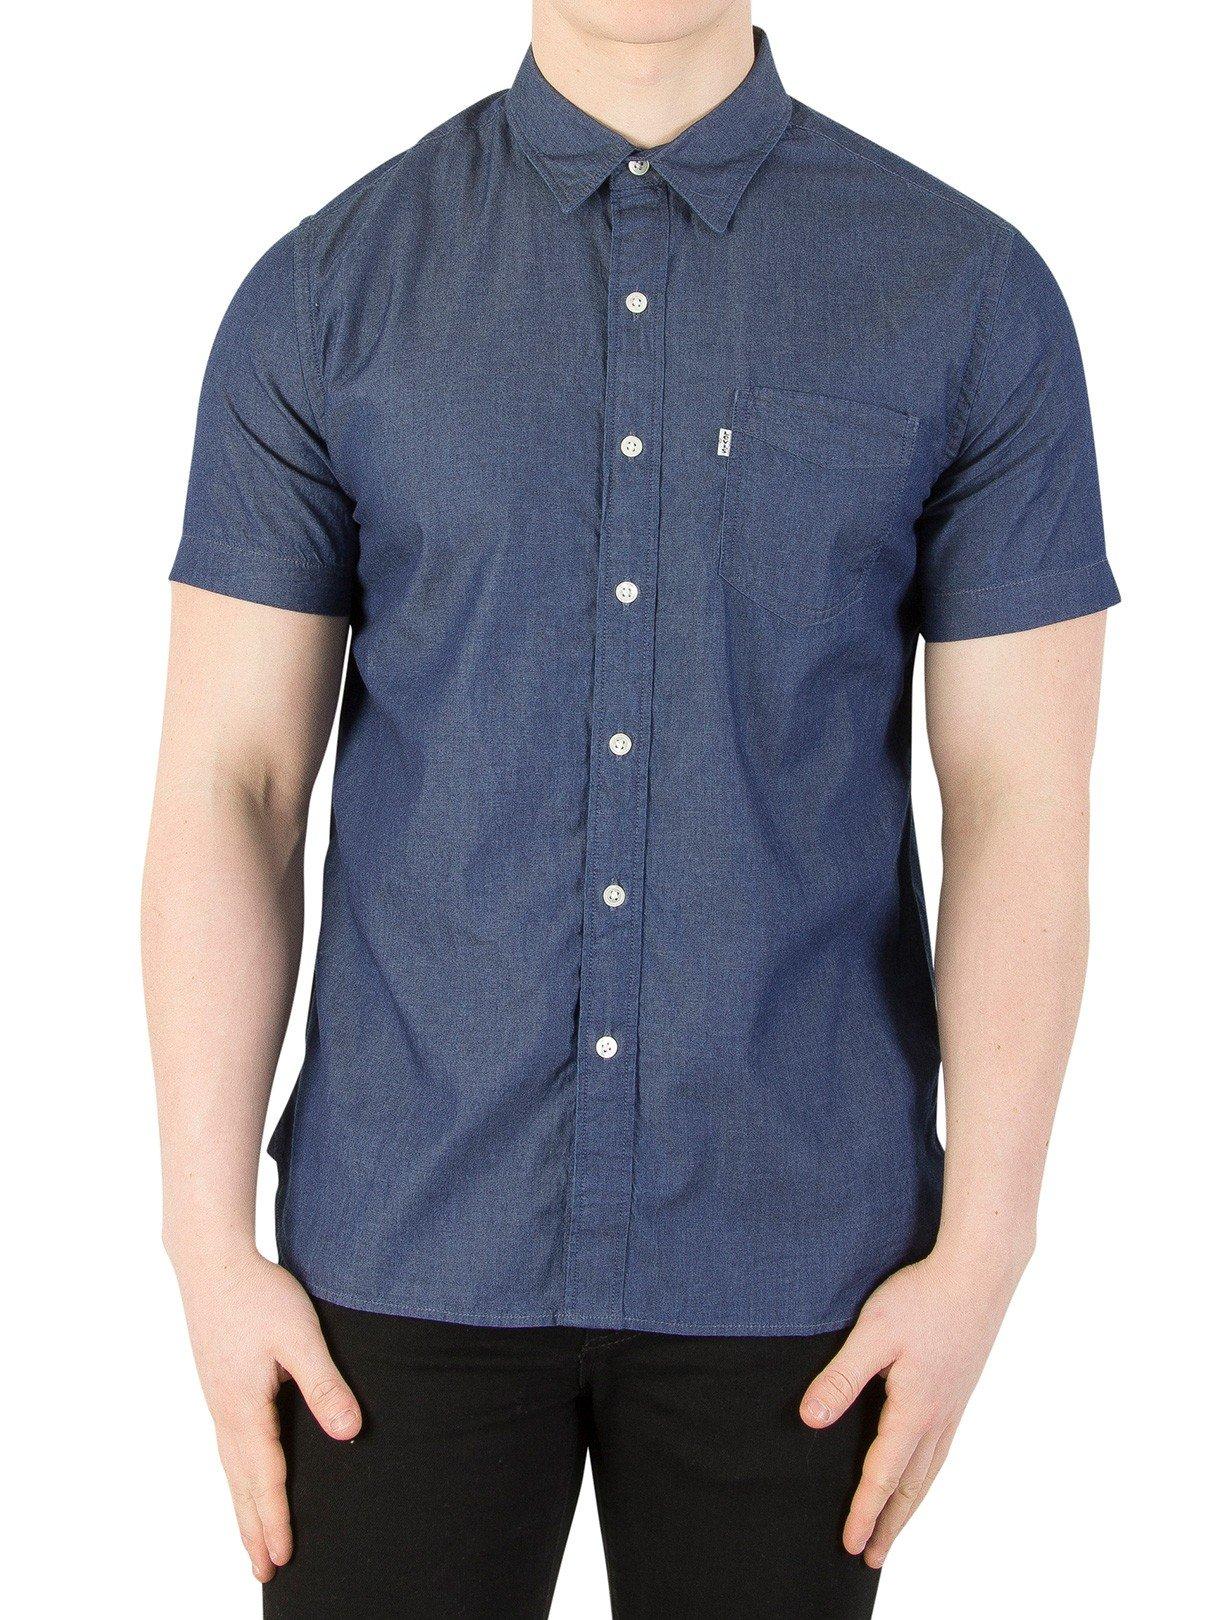 Levi's de los Hombres Camisa de Bolsillo de Manga Corta, Azul